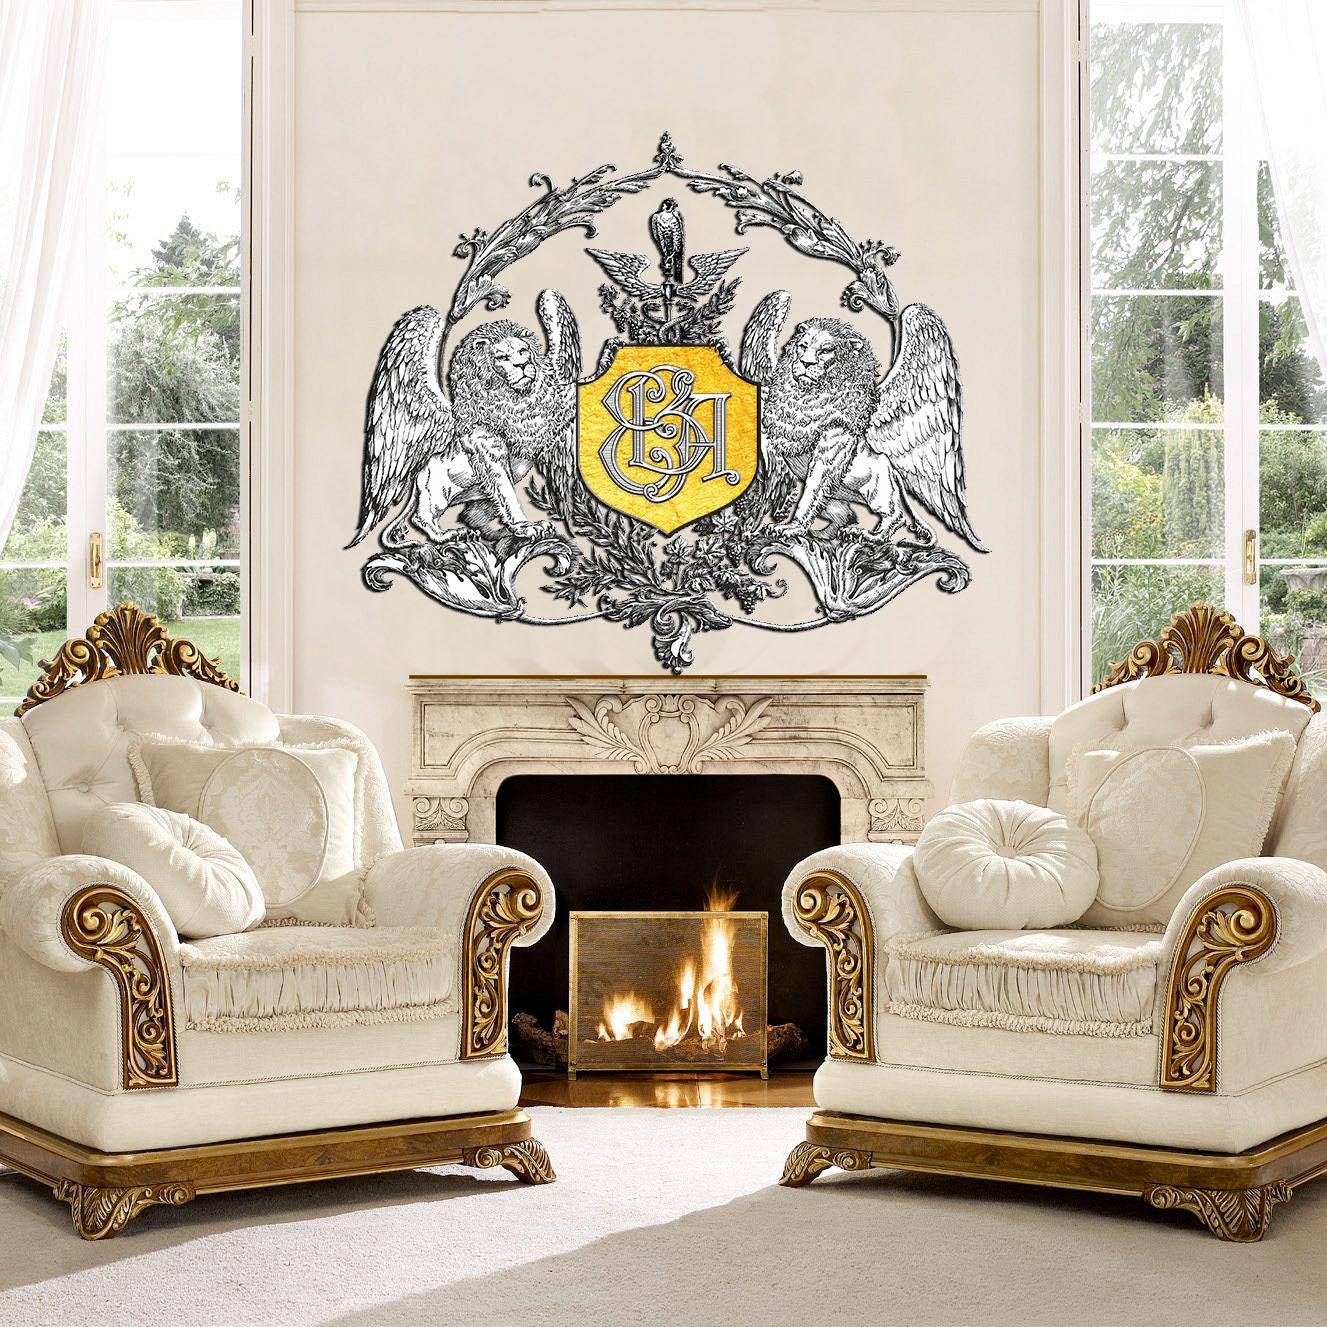 Персональный символ в дизайне интерьера, экстерьера и ландшафта